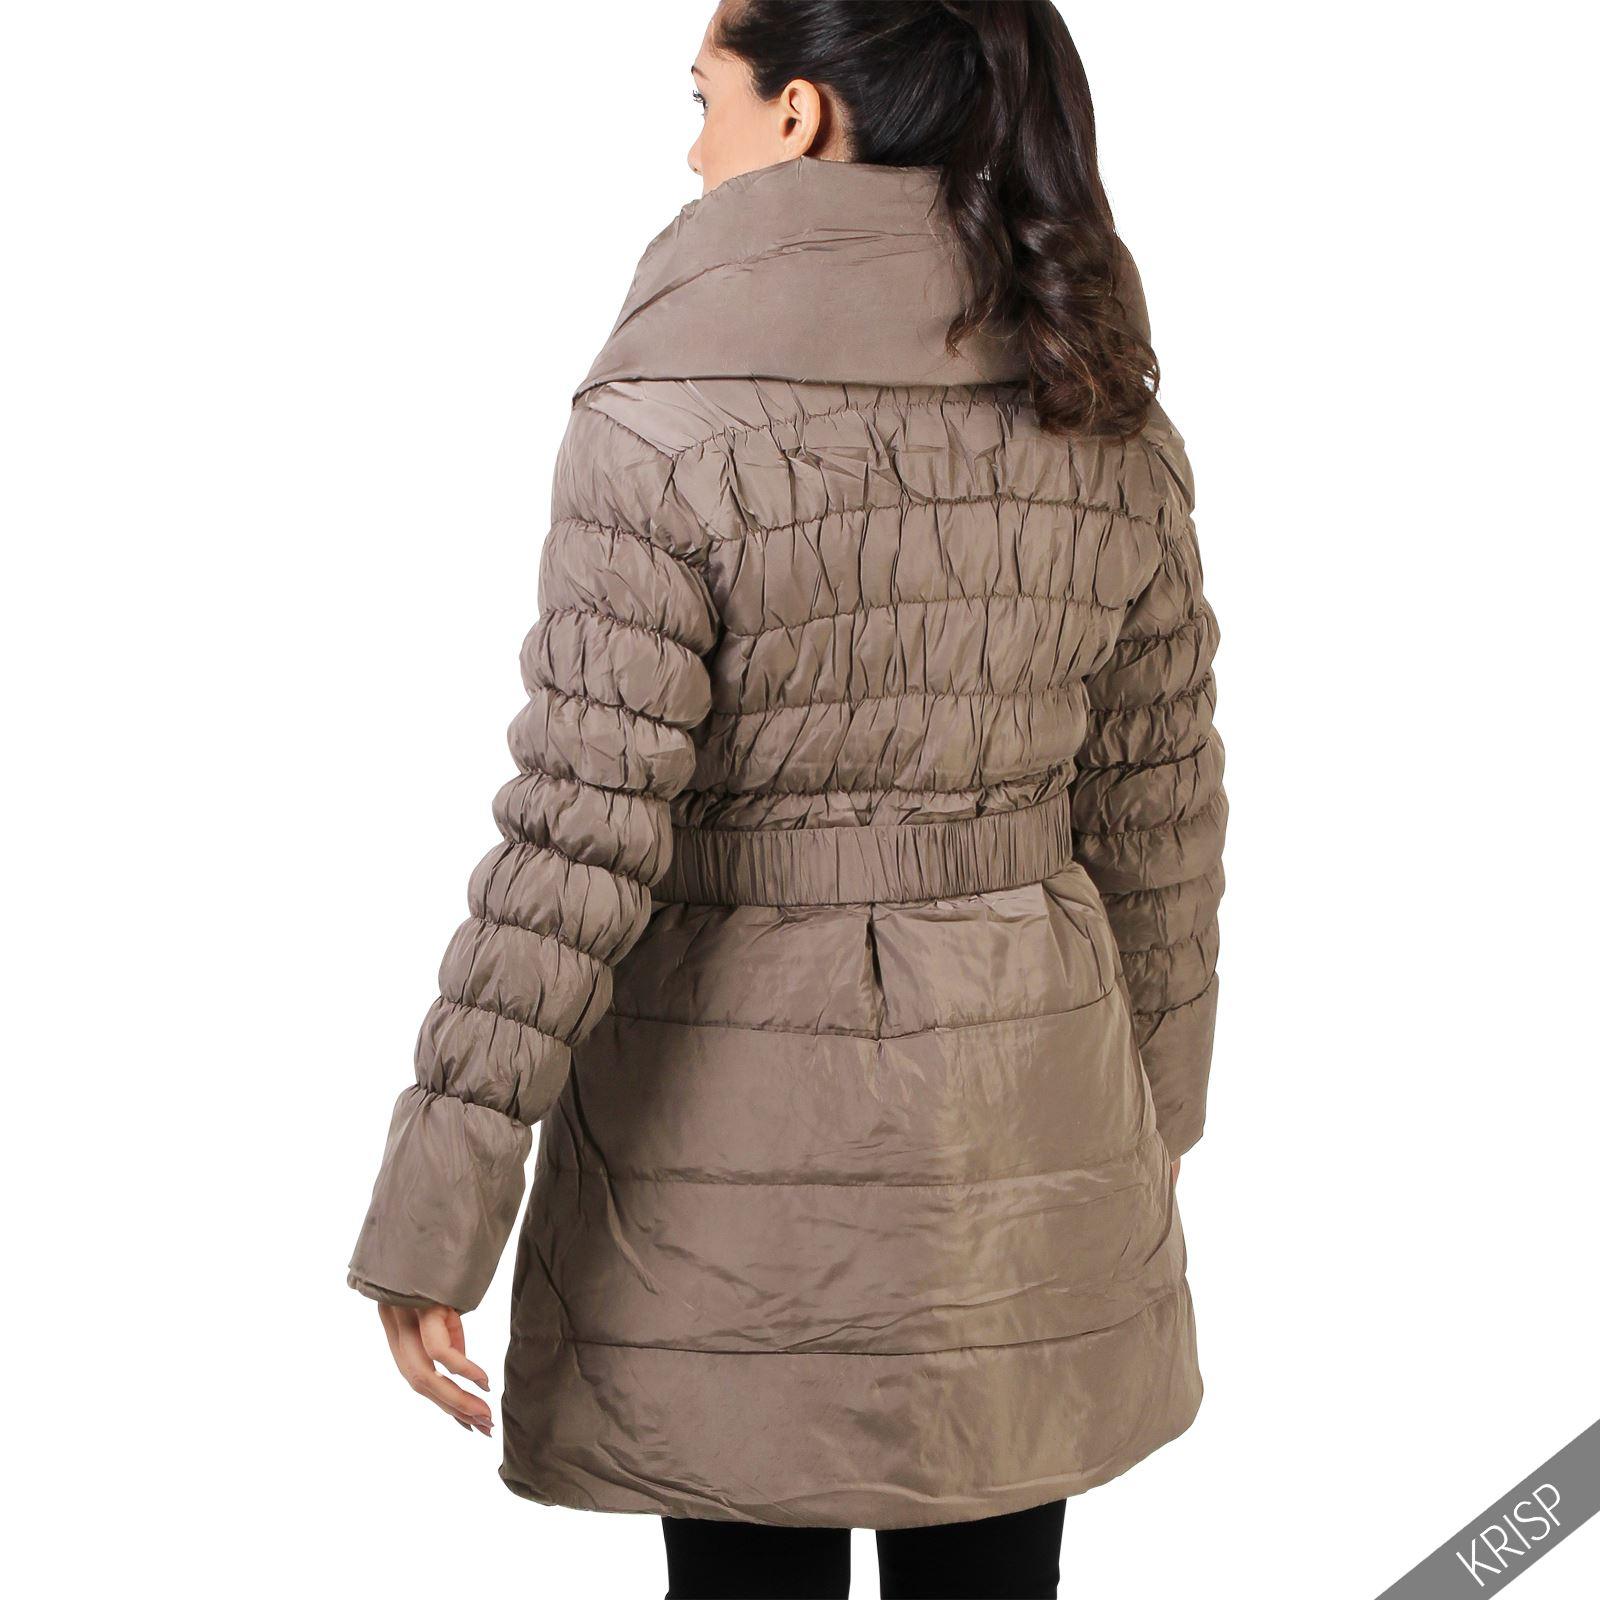 femmes manteau doudoune rembourr parka blouson chaude ceinture hiver longue ebay. Black Bedroom Furniture Sets. Home Design Ideas